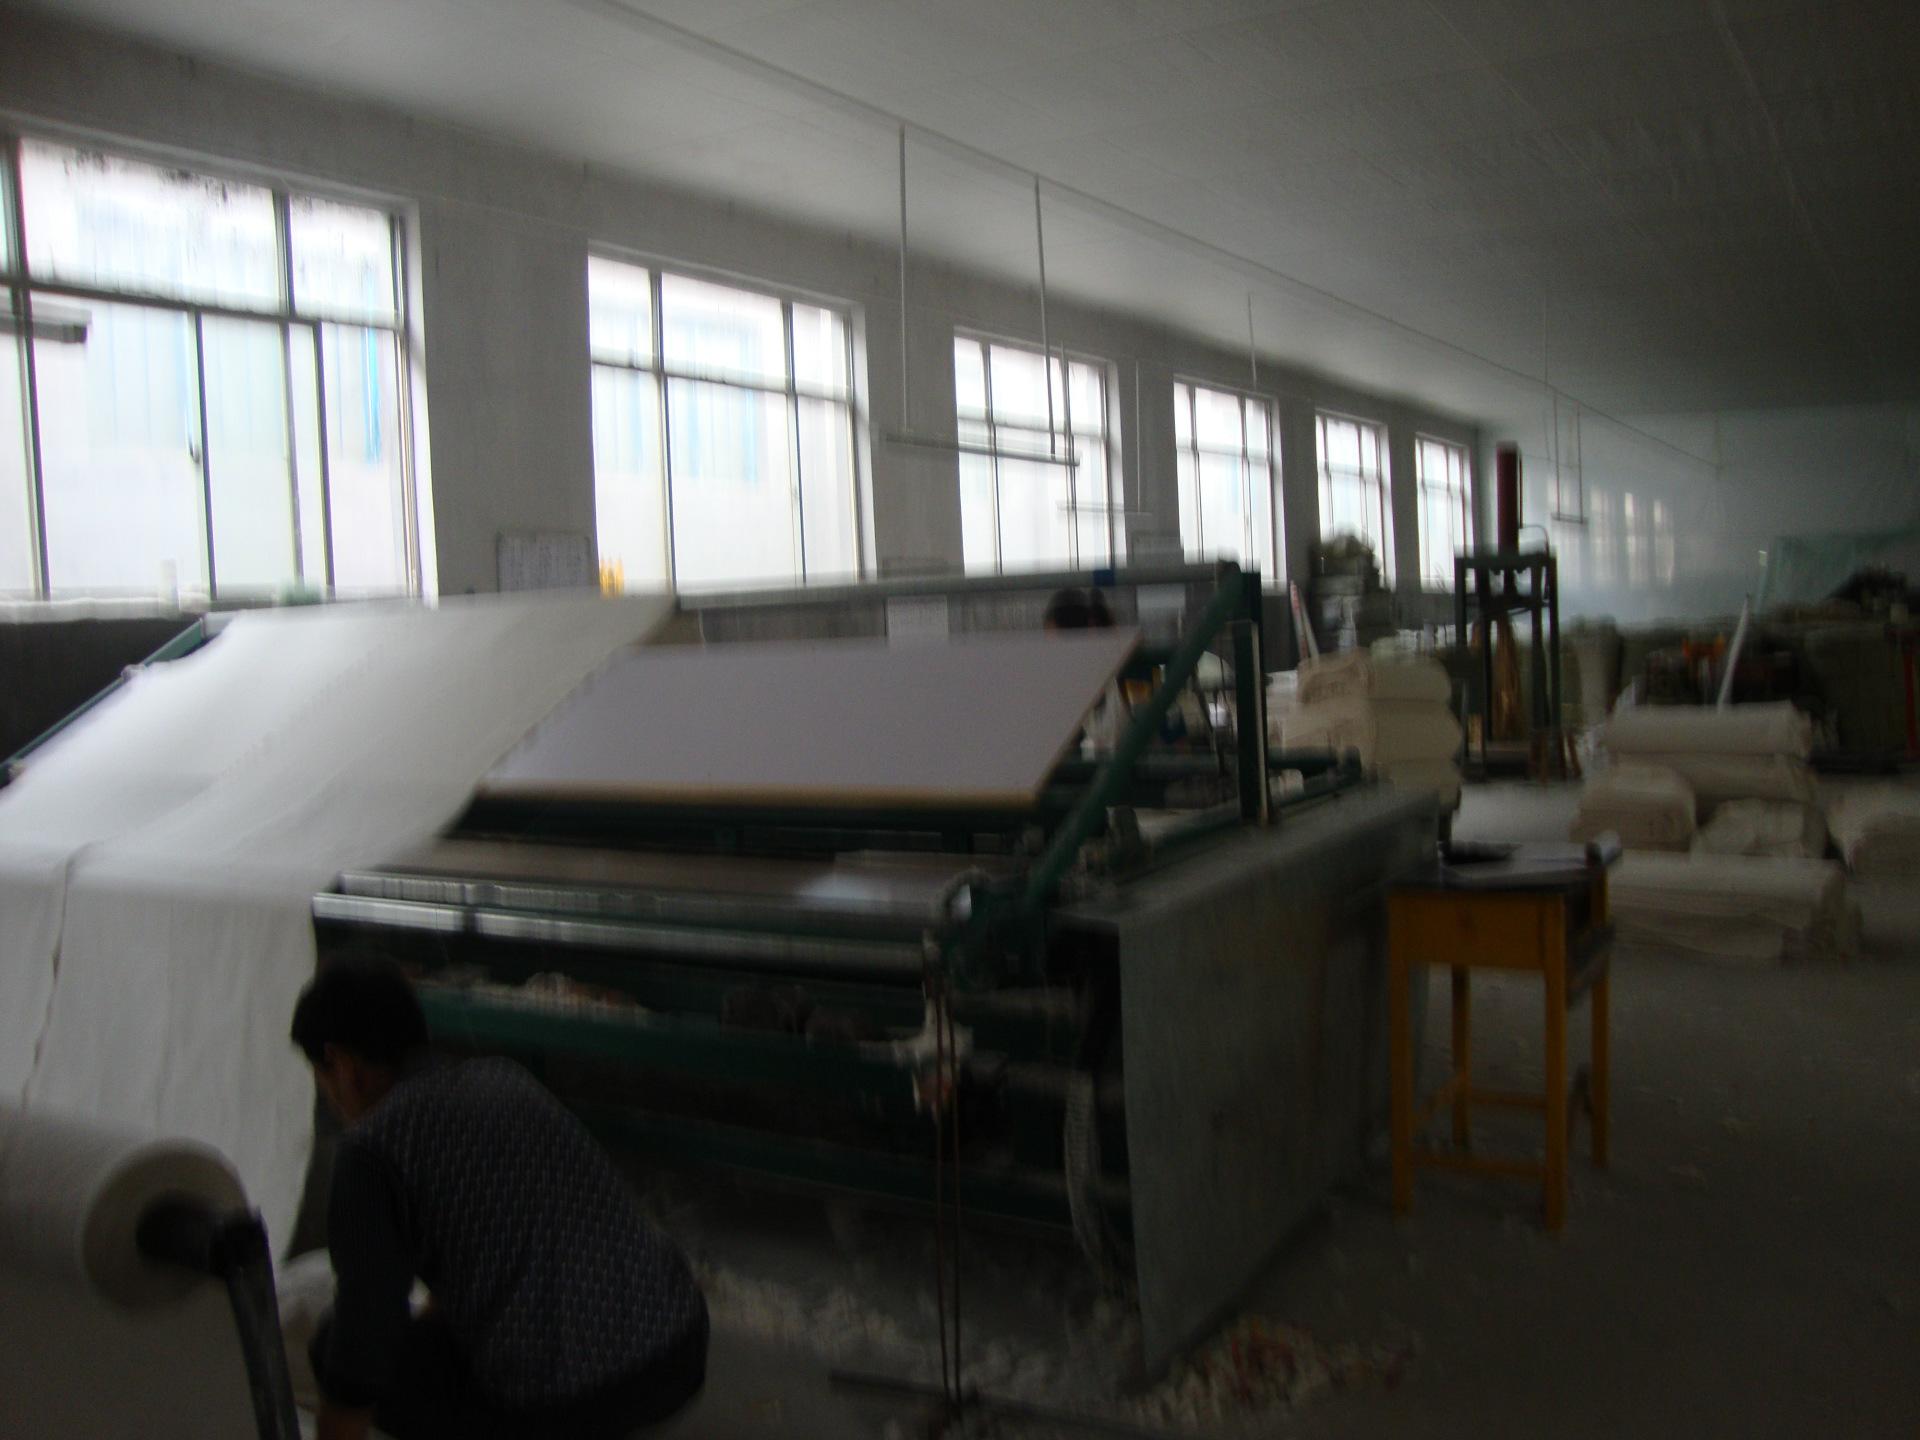 厂家供应漂白双径双纬 帆布 质优价廉欢迎选购质量保障